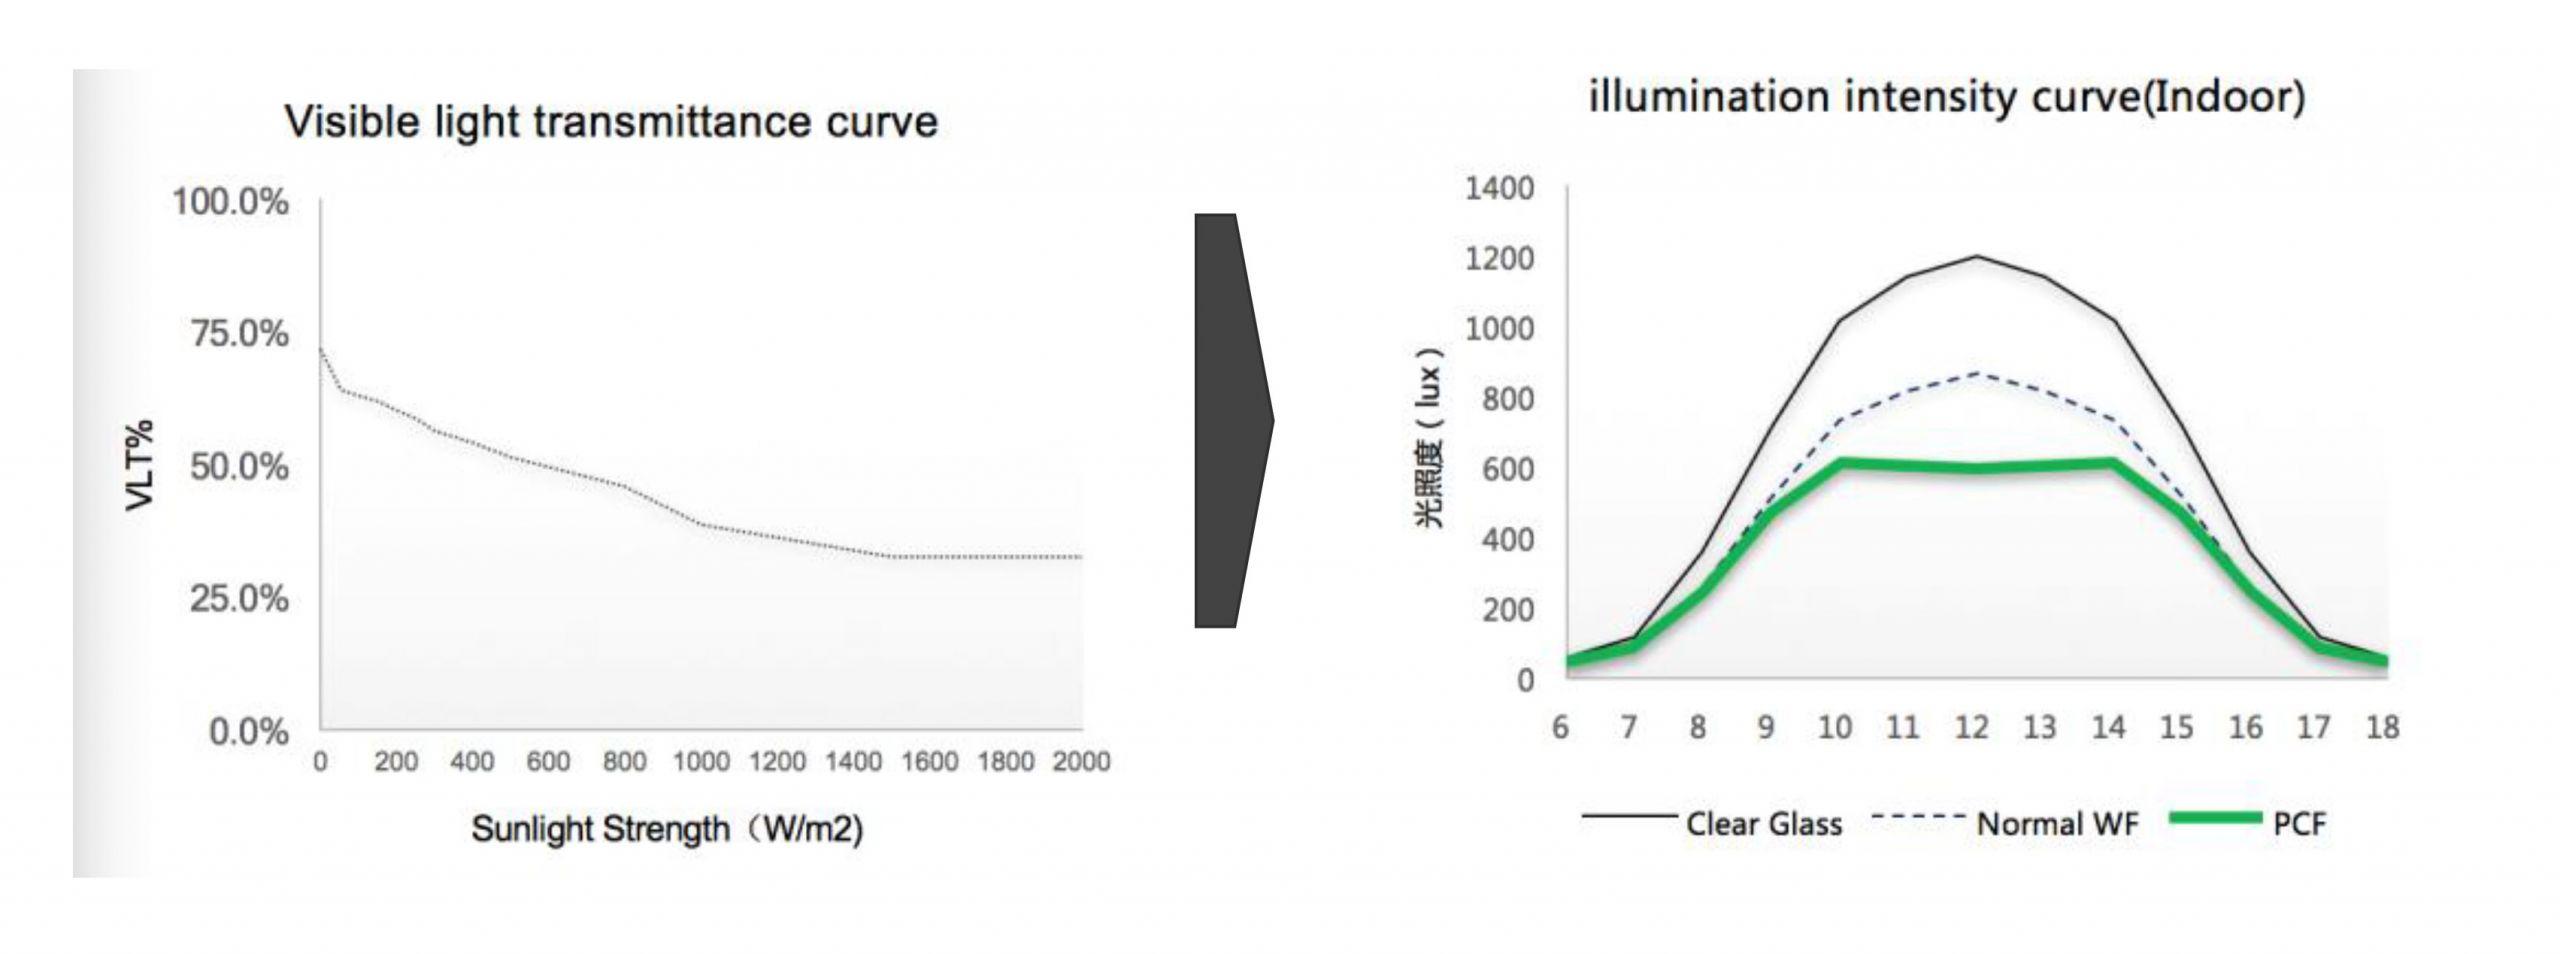 visible light transmittance curve